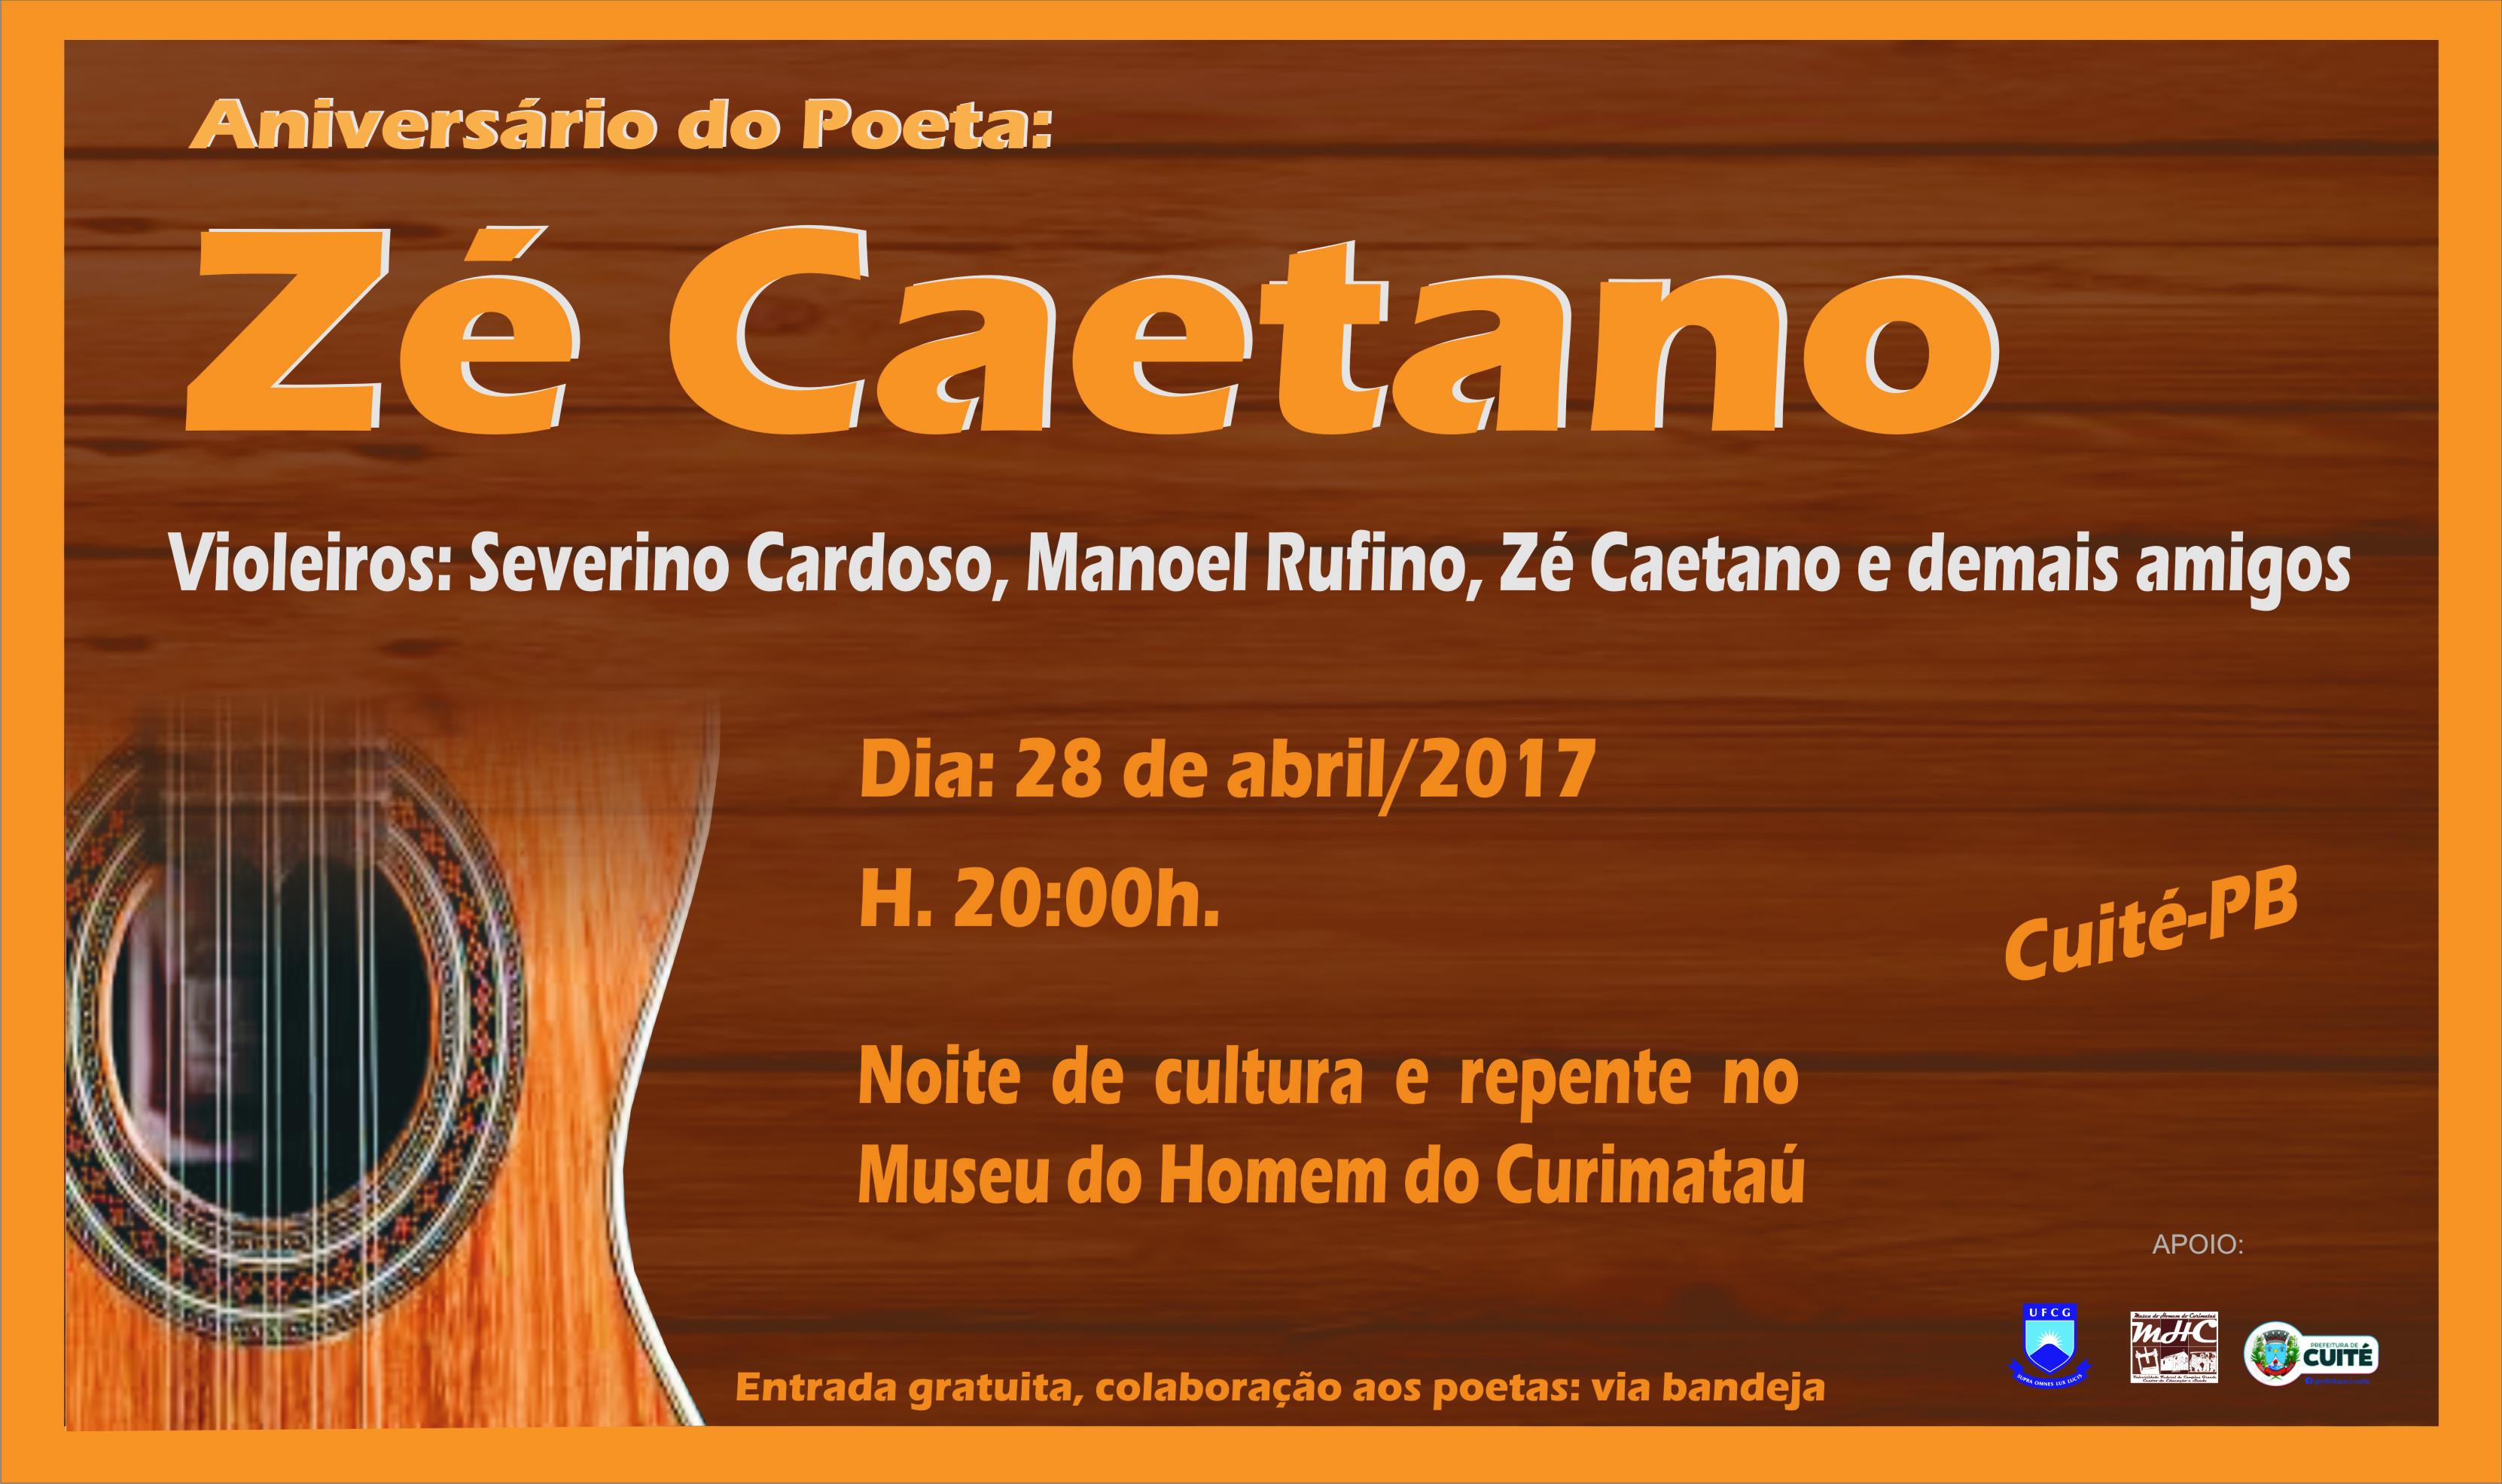 Aniversário de Zé Caetano no MHC